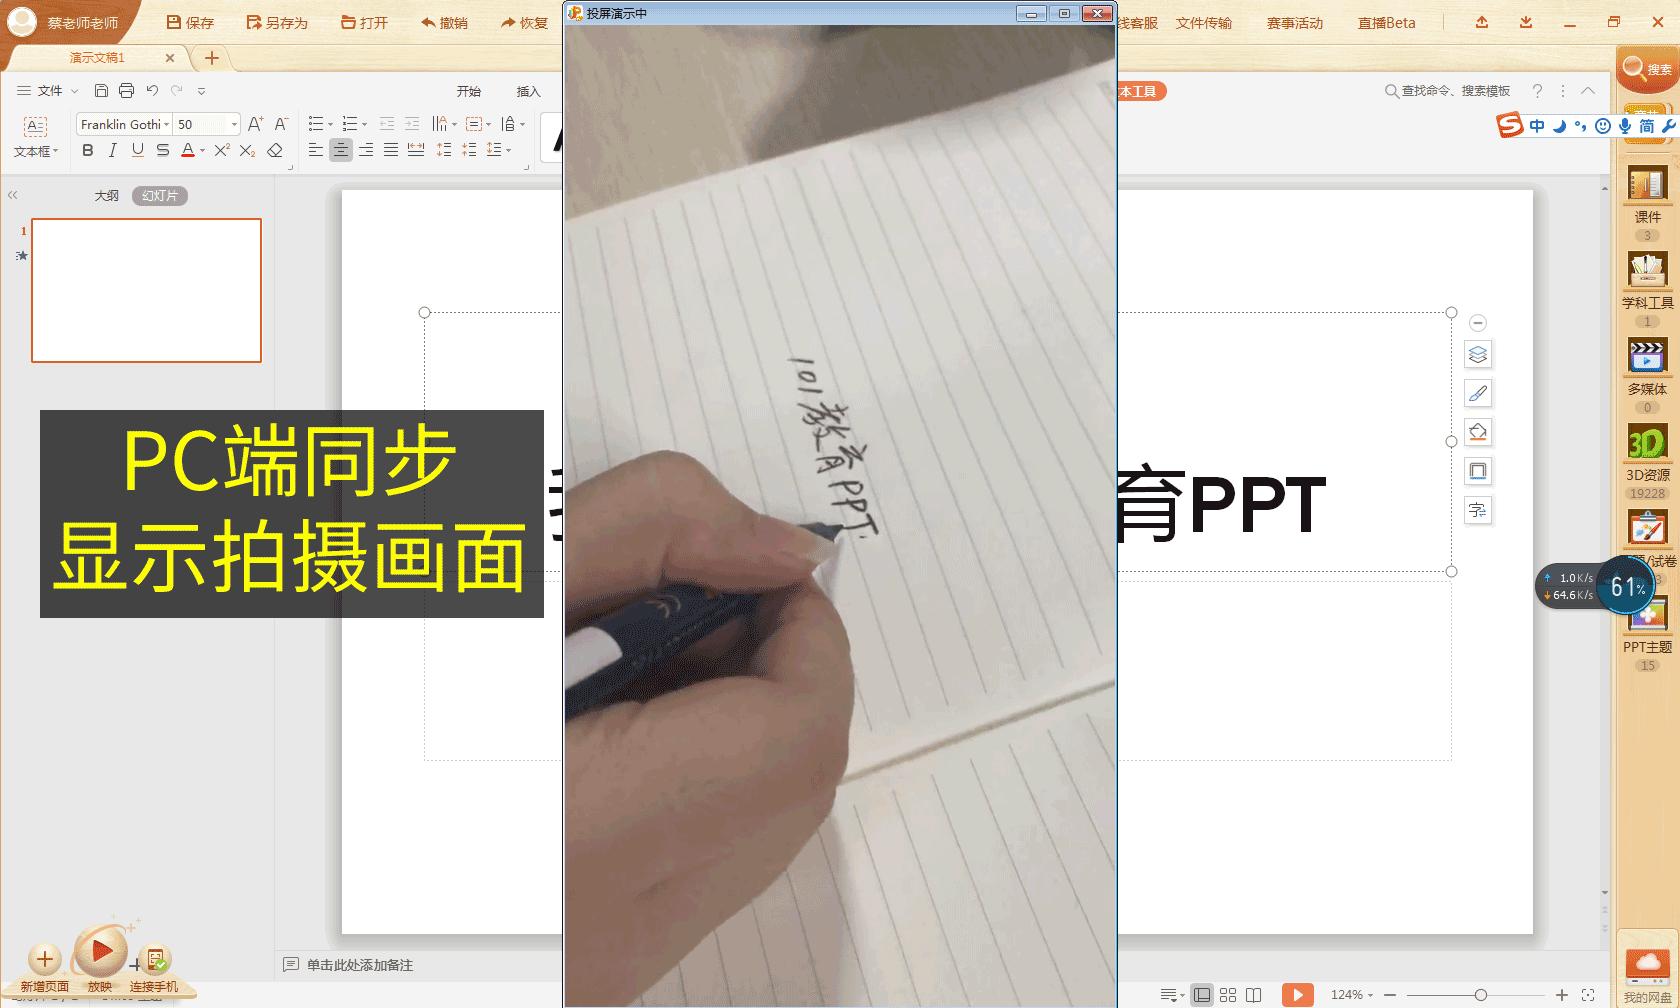 PC端同步显示拍摄画面